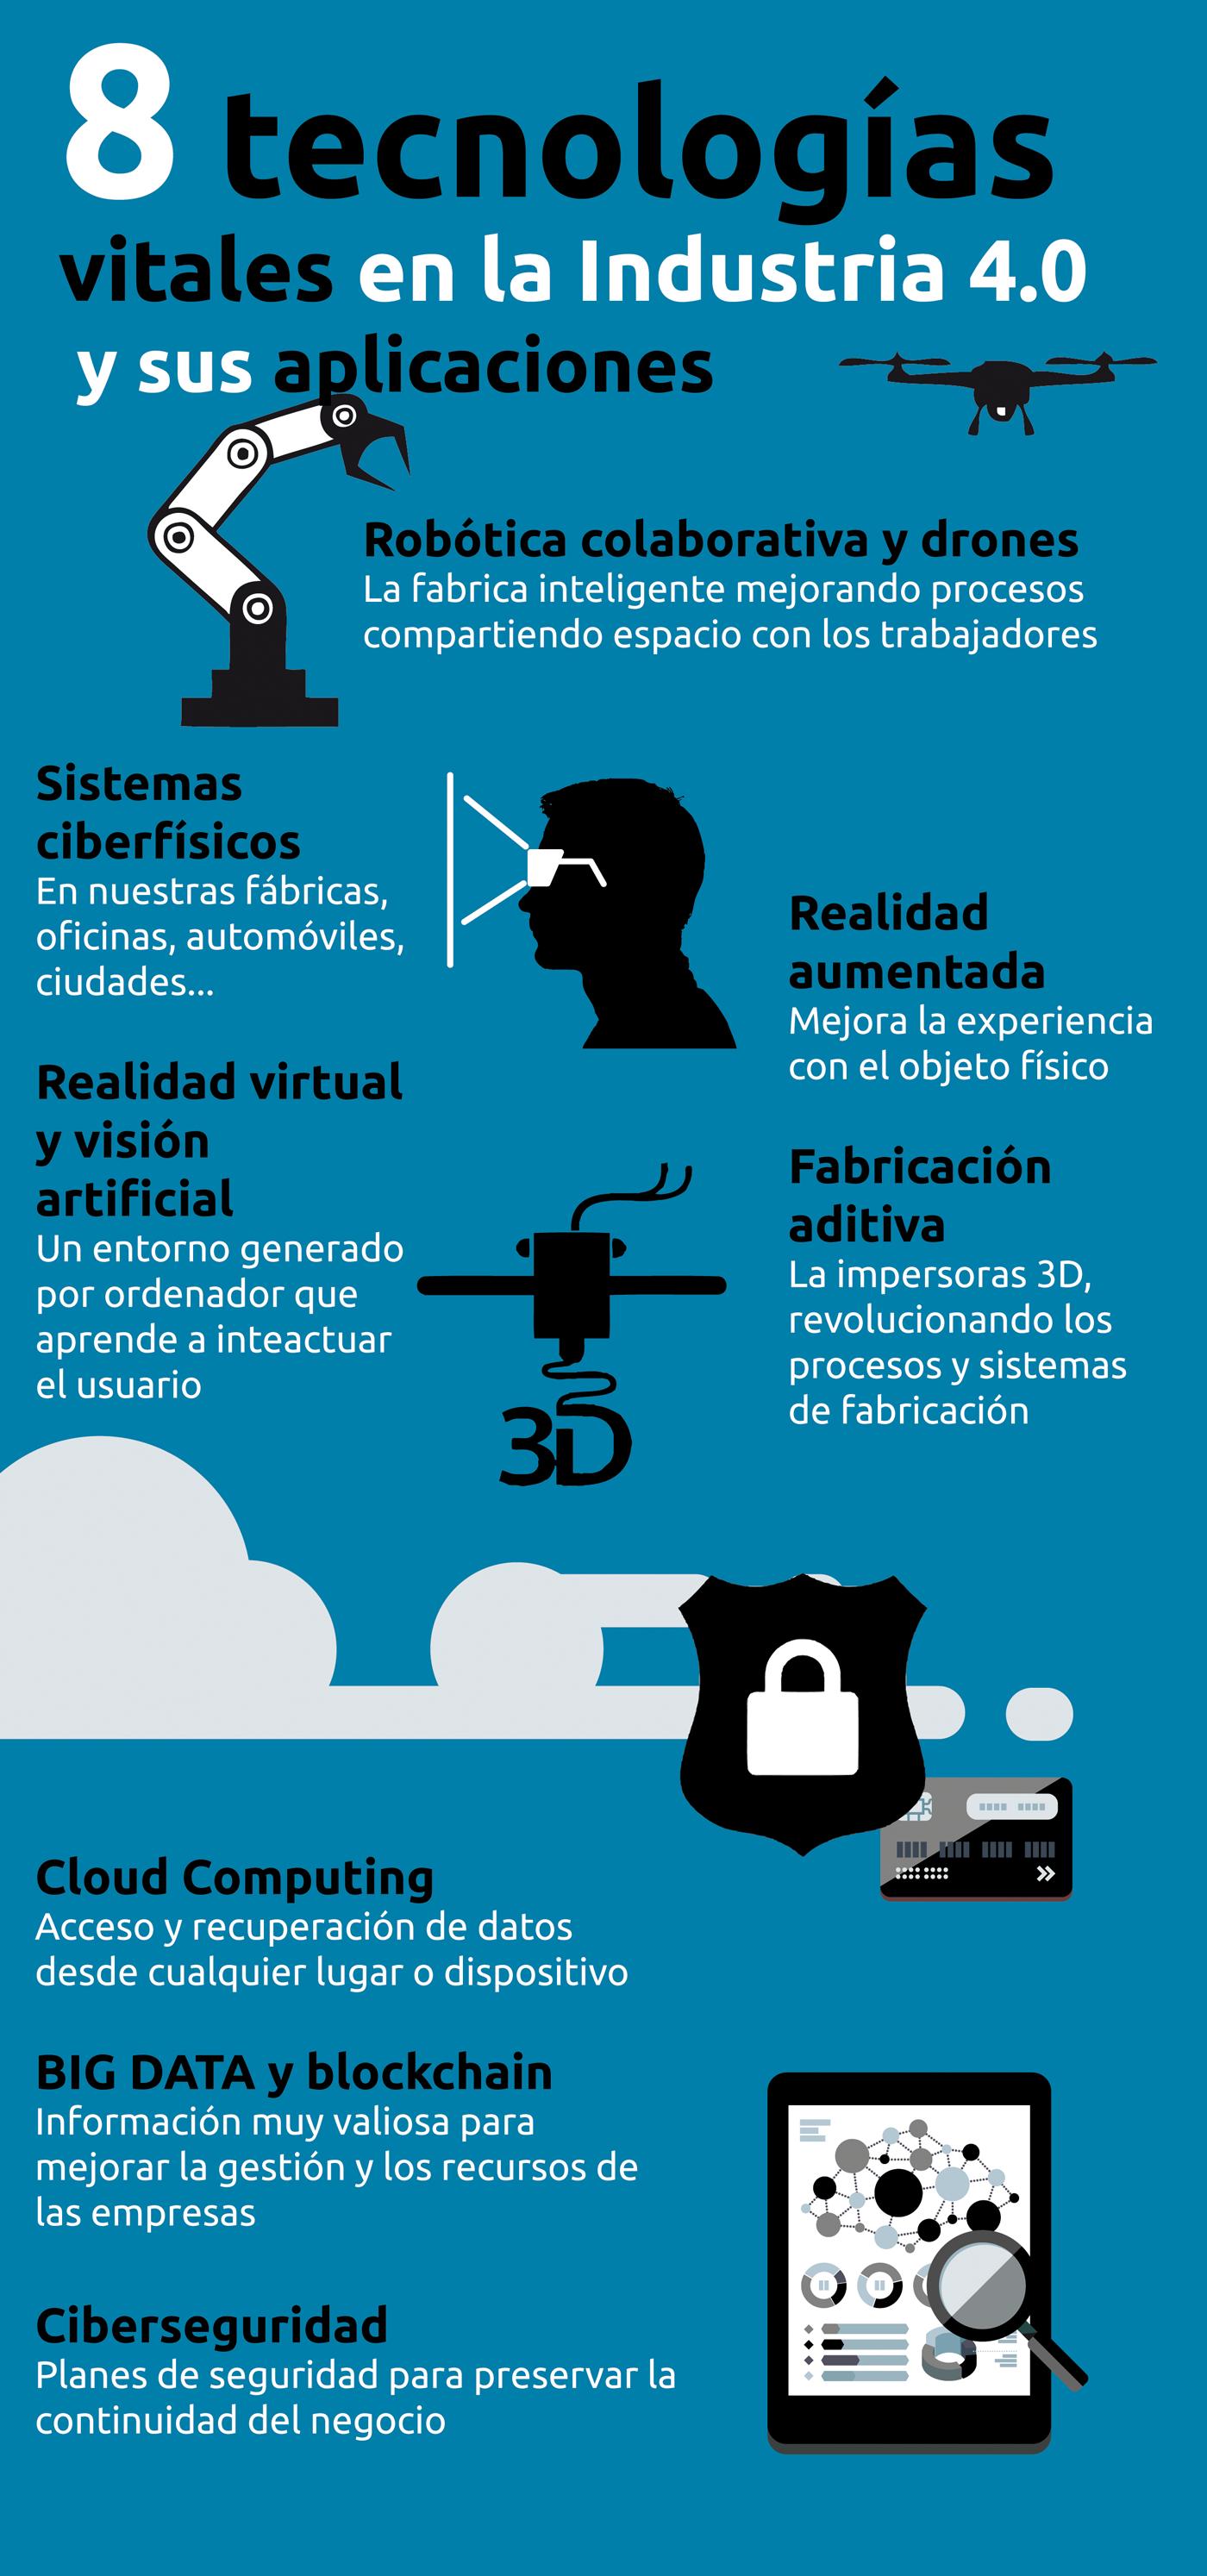 8 Tecnologías Imprescindibles para la Industria 4.0 - IIOT ...